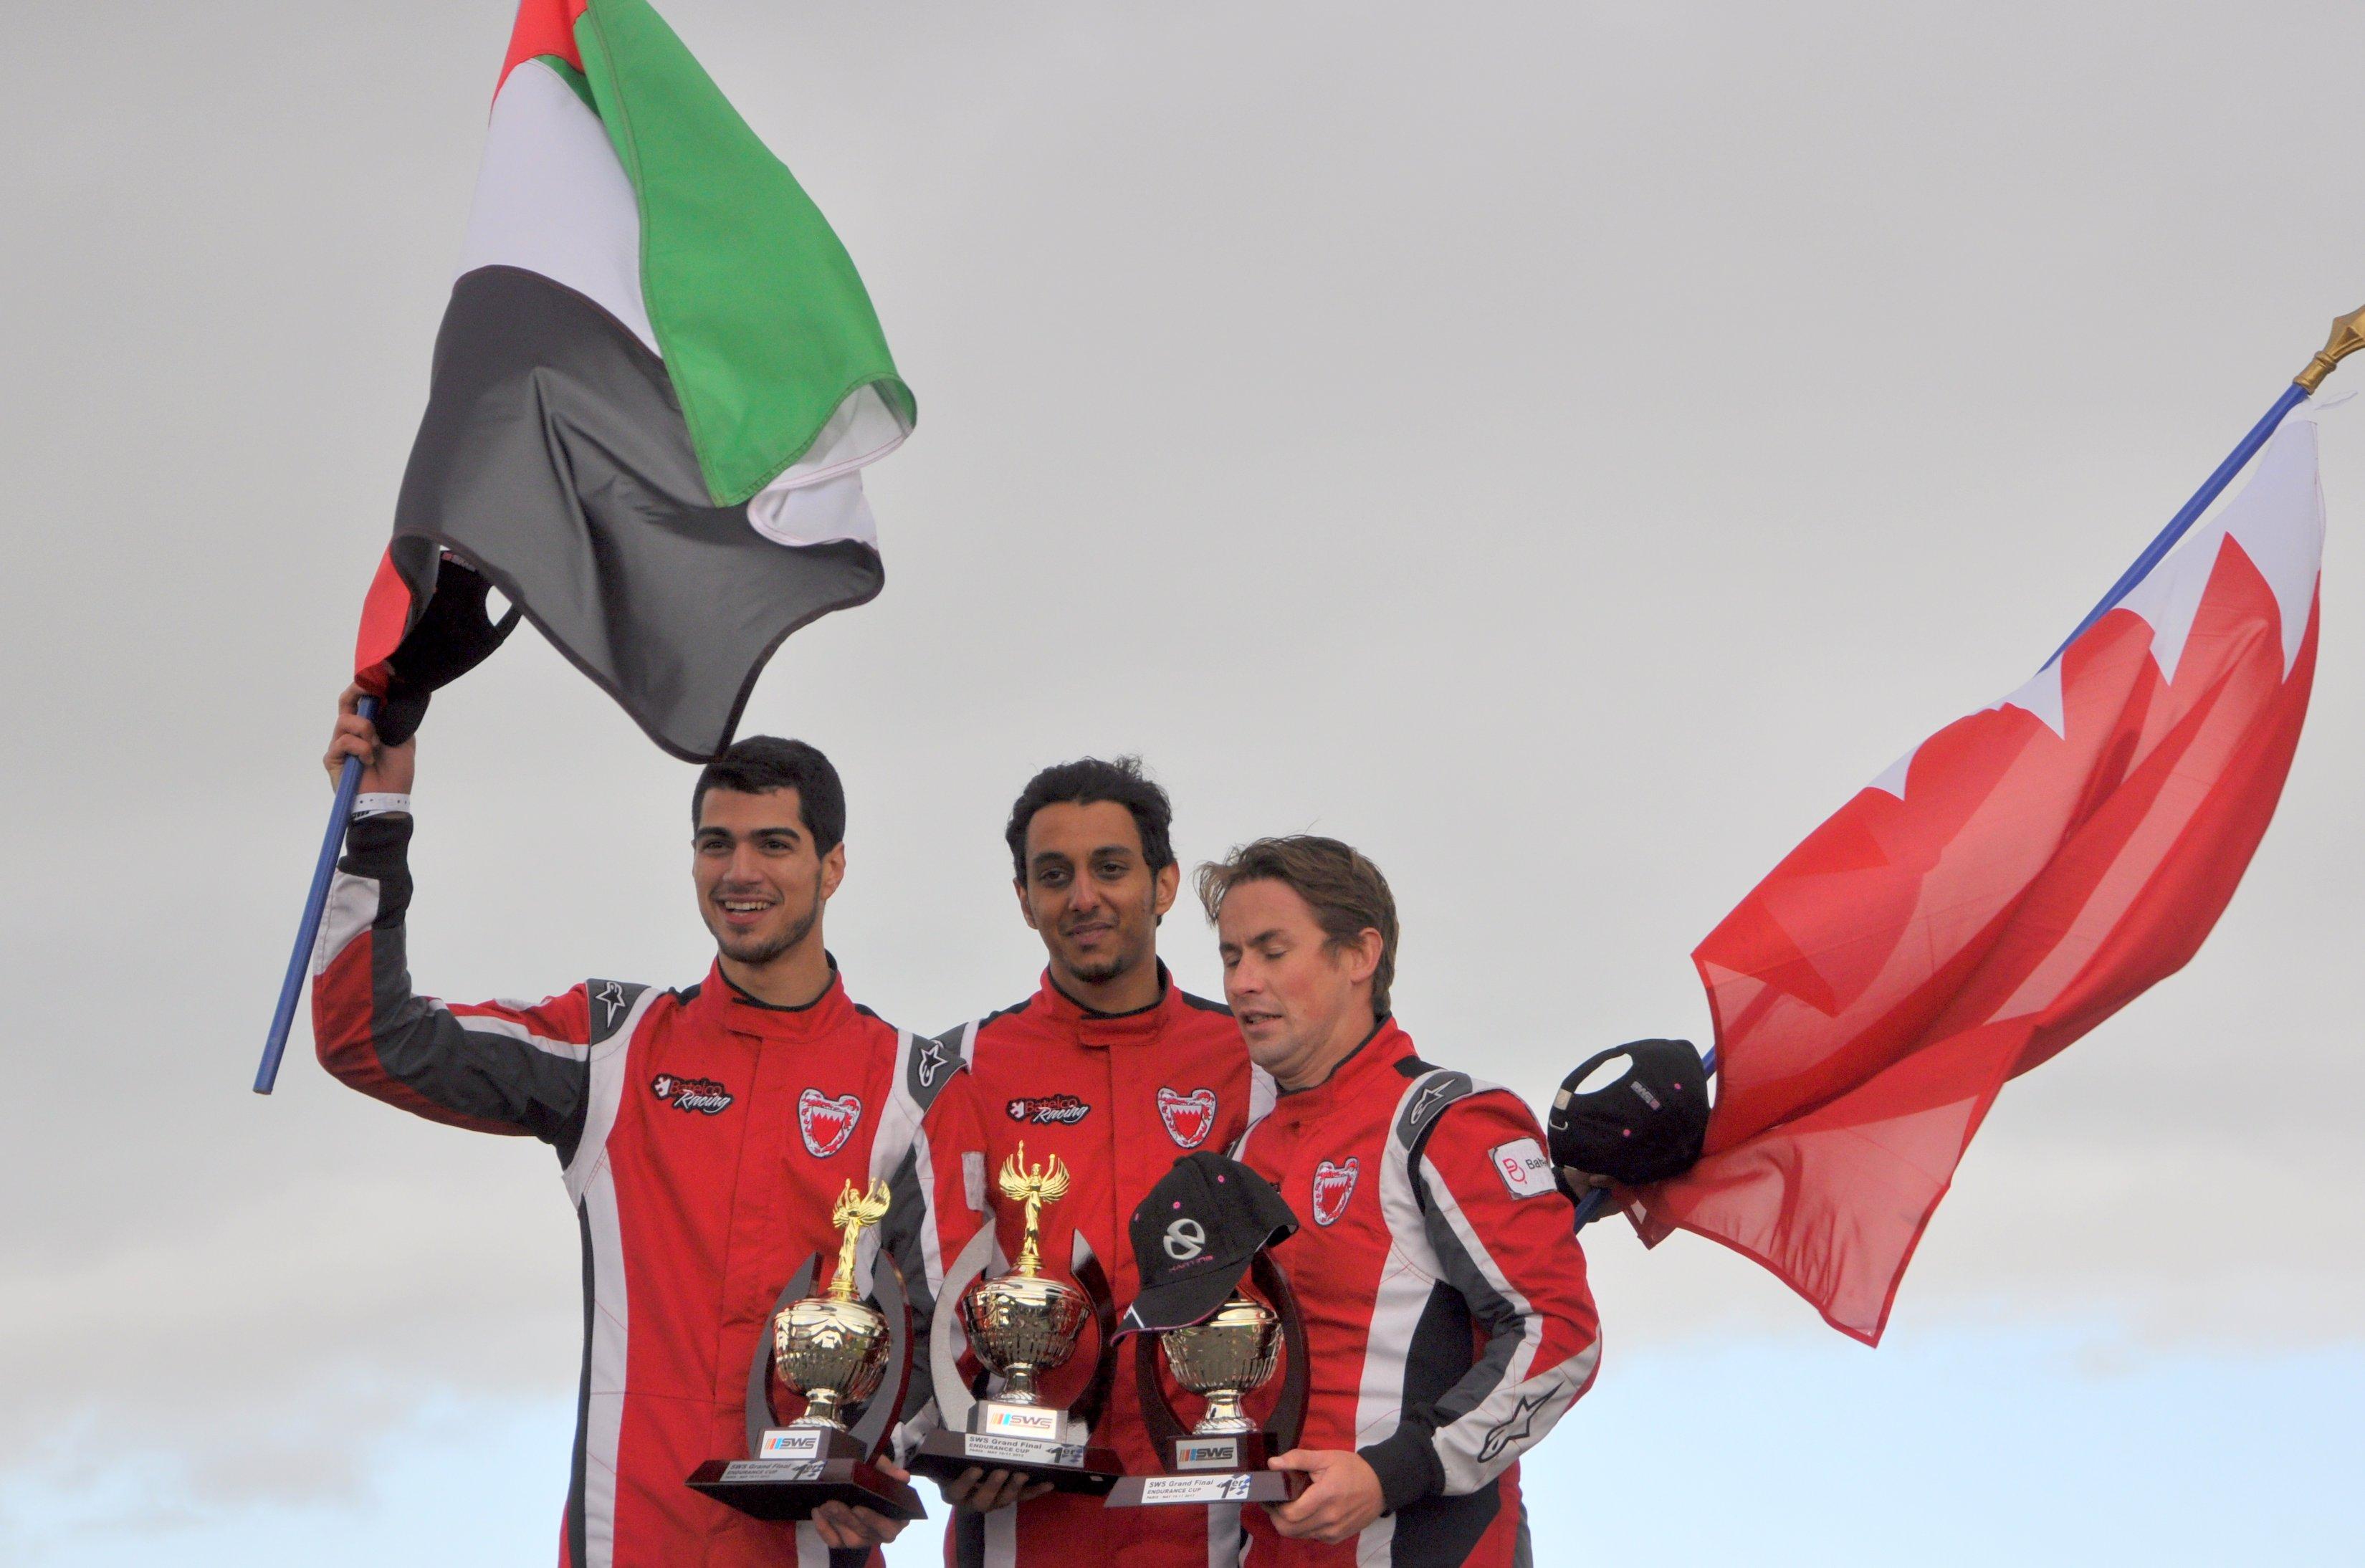 Karting: Batelco win SWS Grand Finals Endurance 12 Hours in Paris